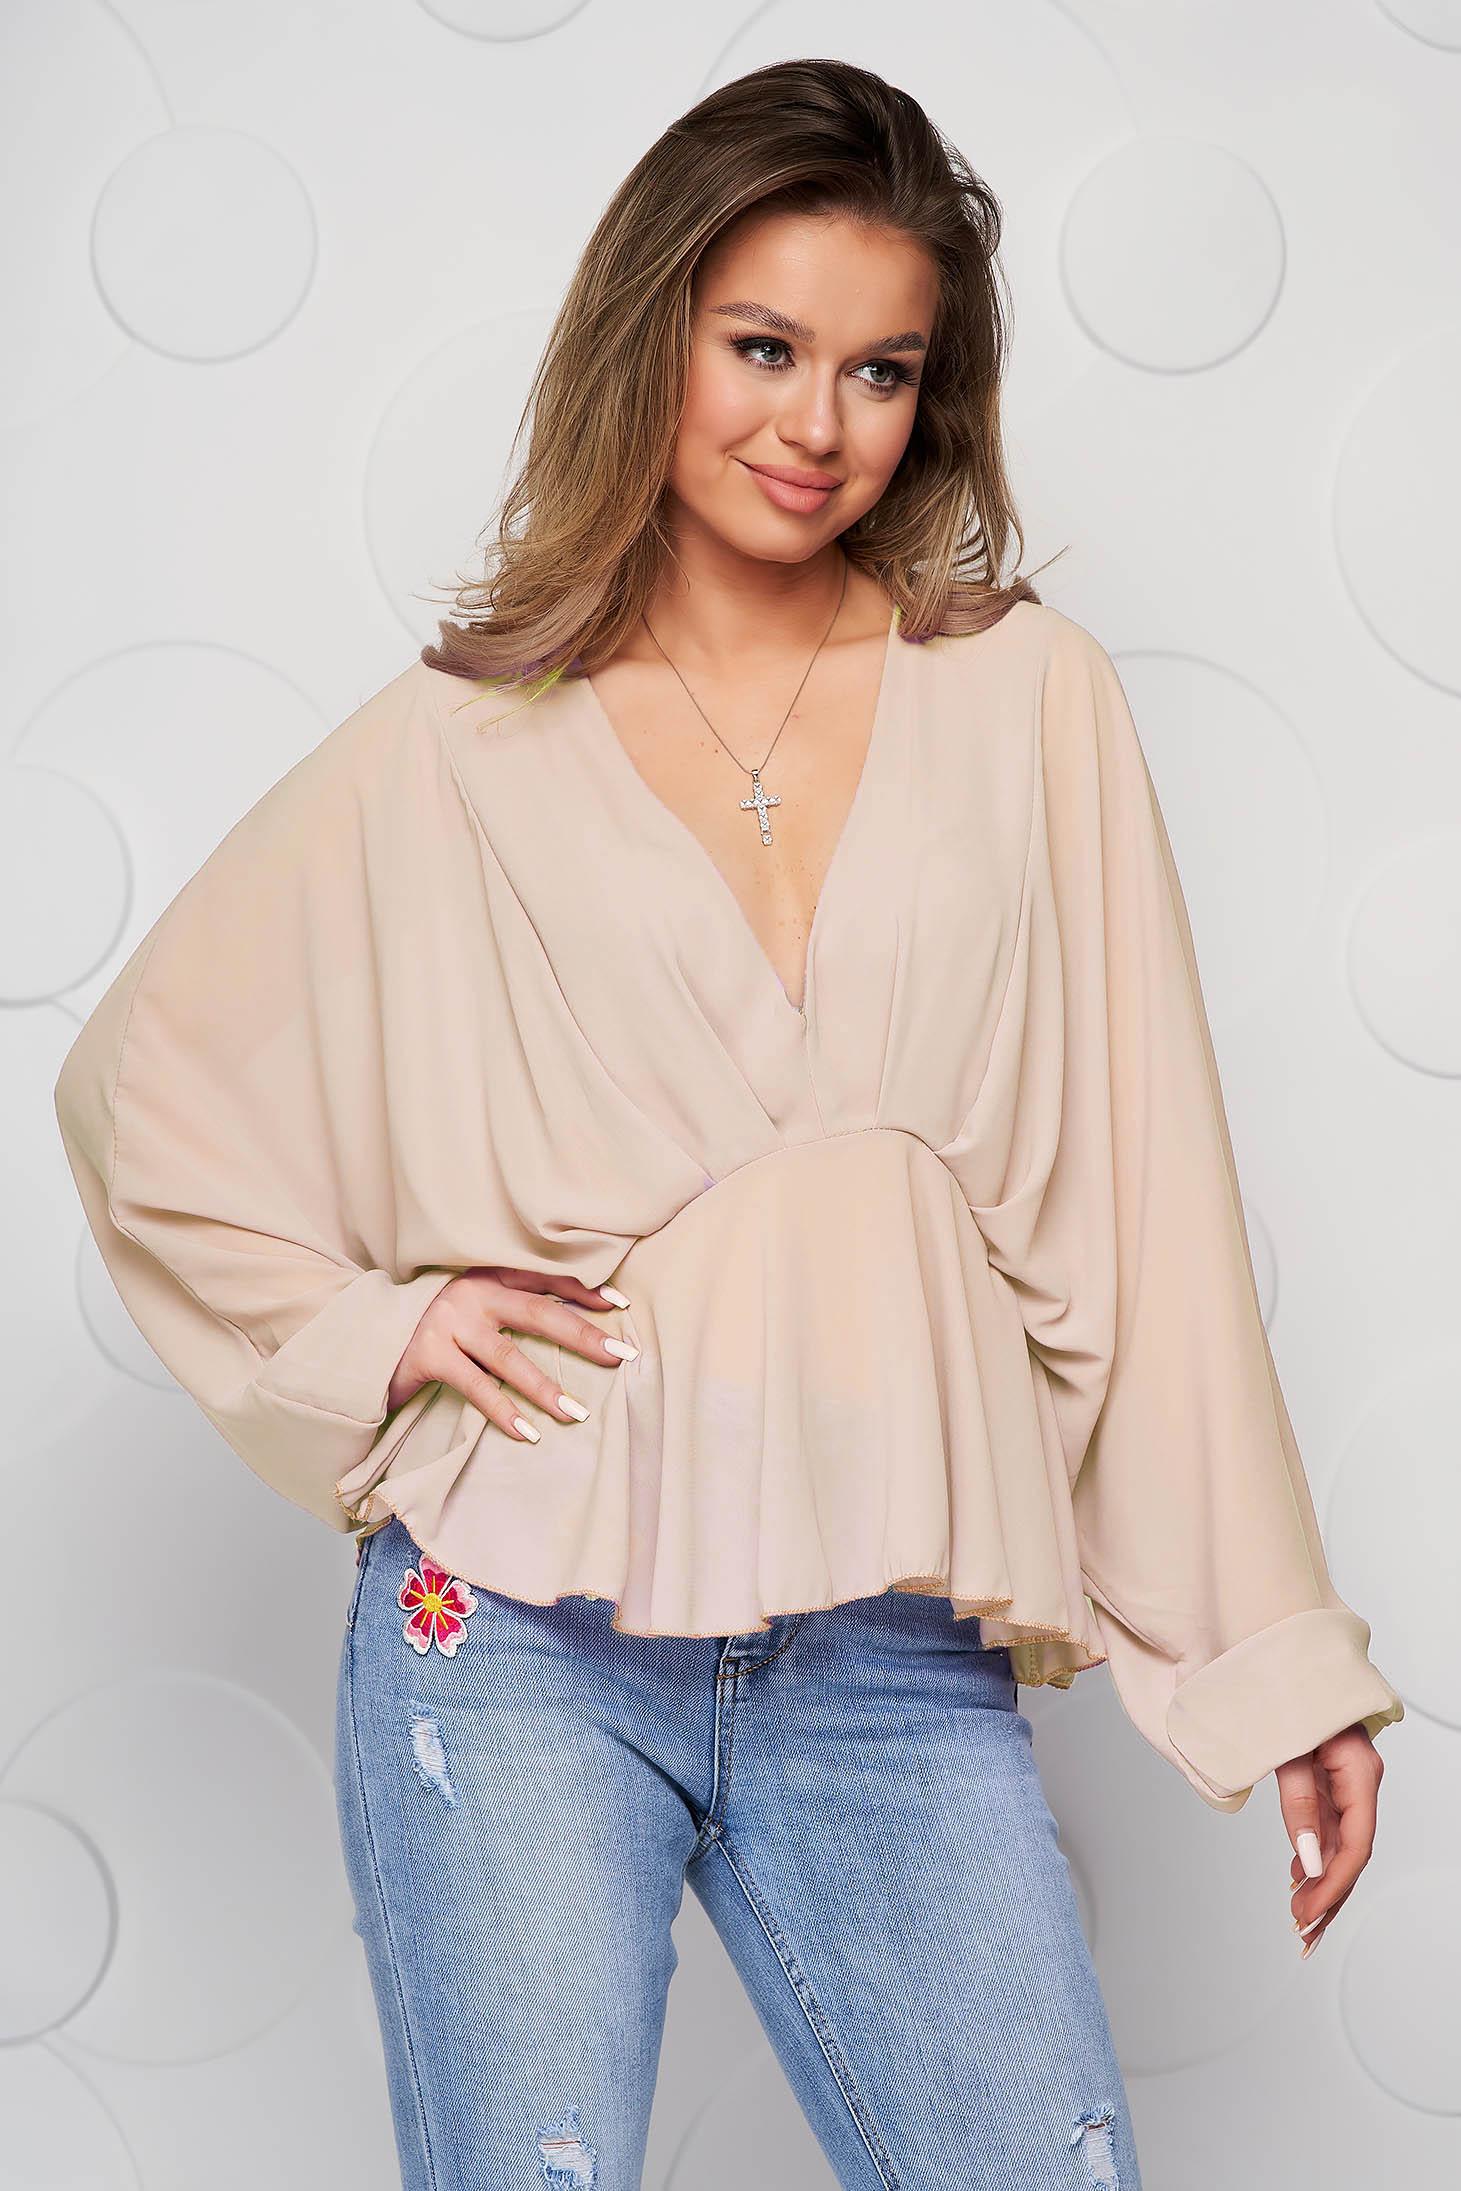 Bluza dama SunShine crem din voal cu decolteu adanc cu elastic in talie